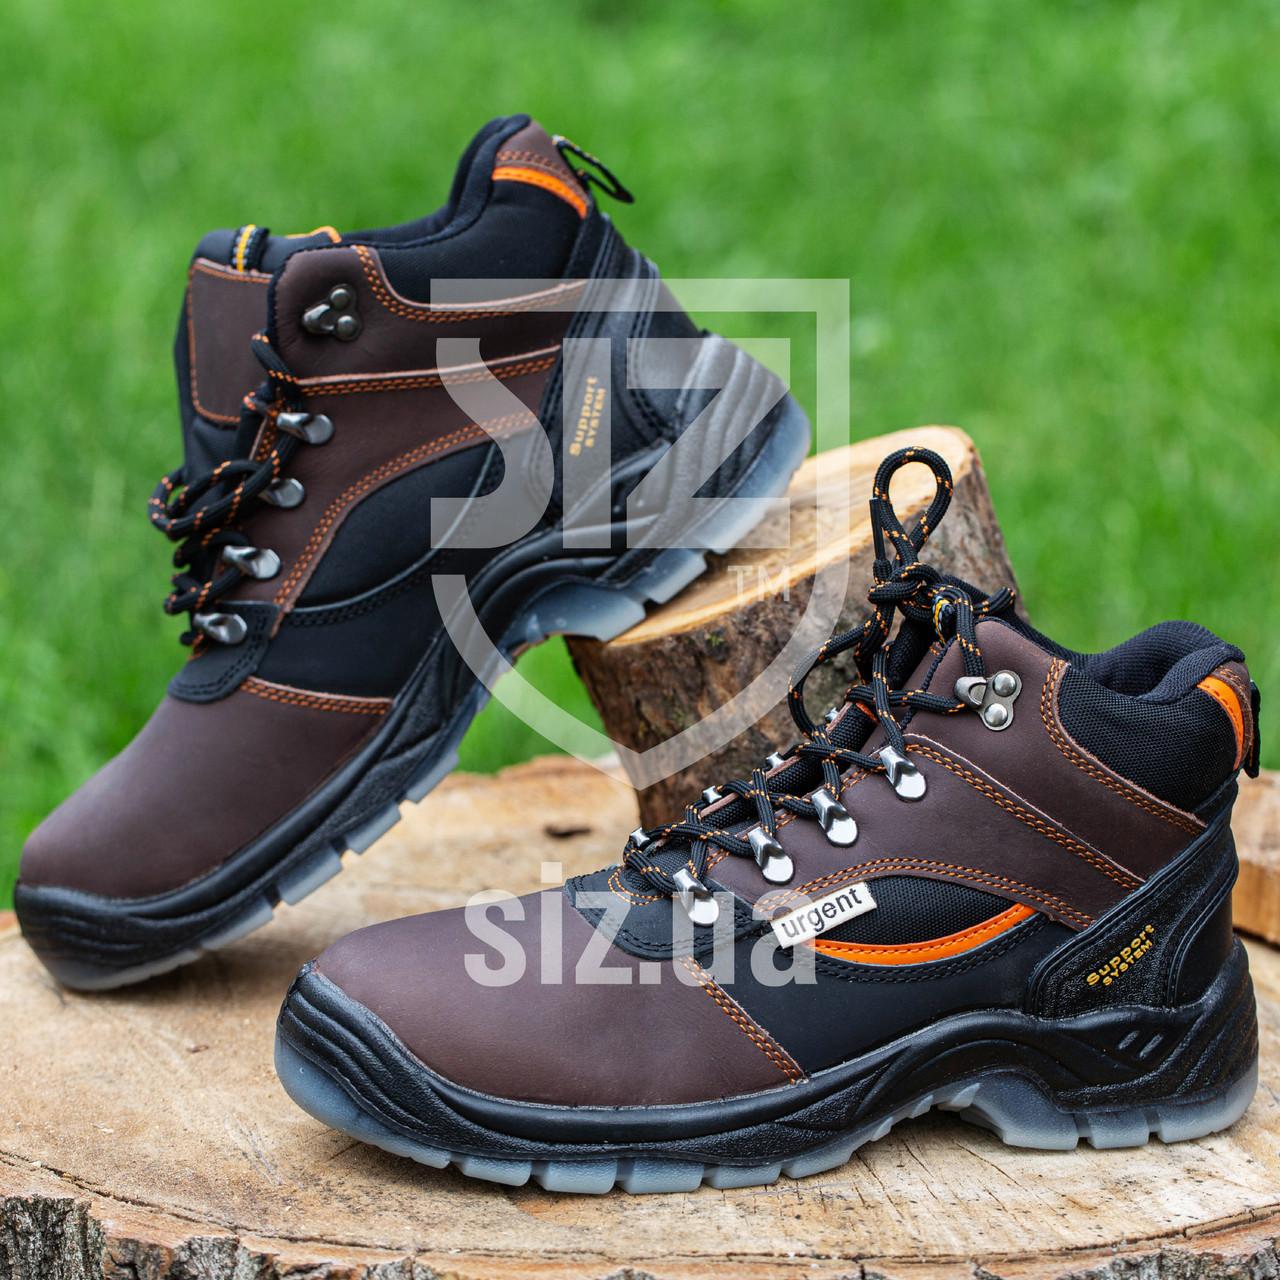 Ботинки 120 S3 TPU с металлическим носком и антипрокольной подошвой. Urgent